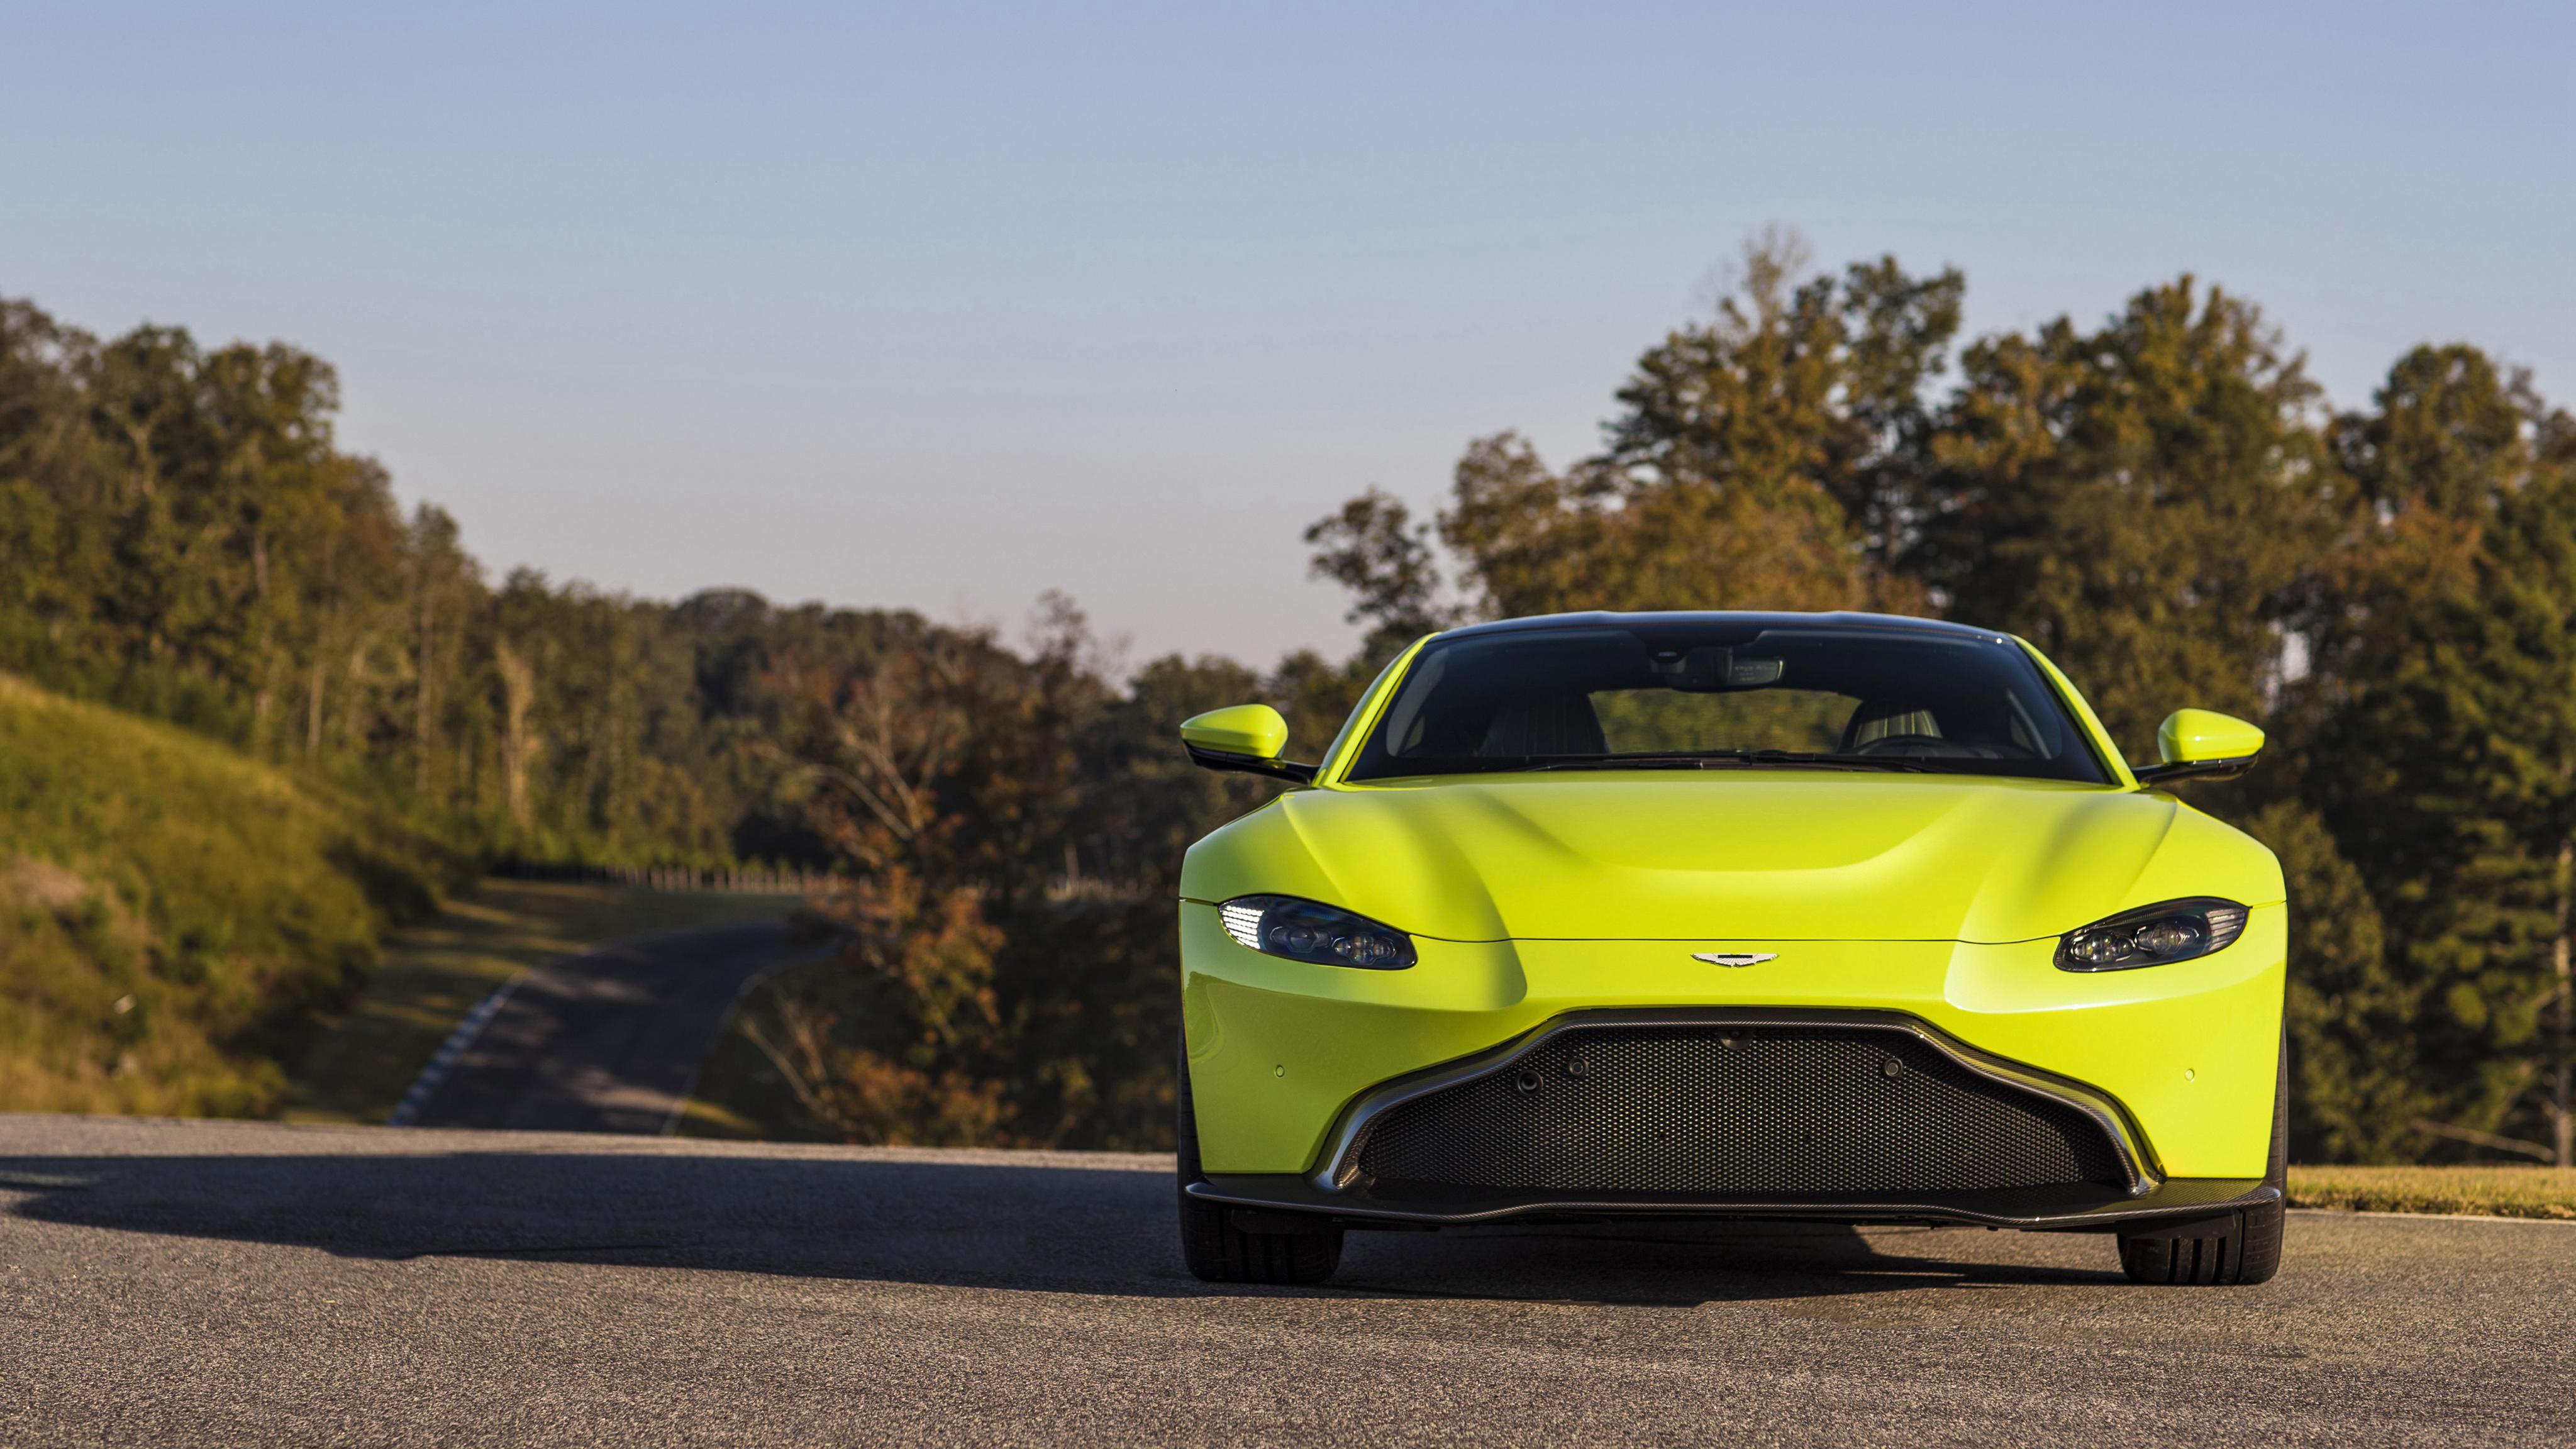 2018 Aston Martin Vantage 4K Wallpaper HD Car Wallpapers ID 9145 4096x2304